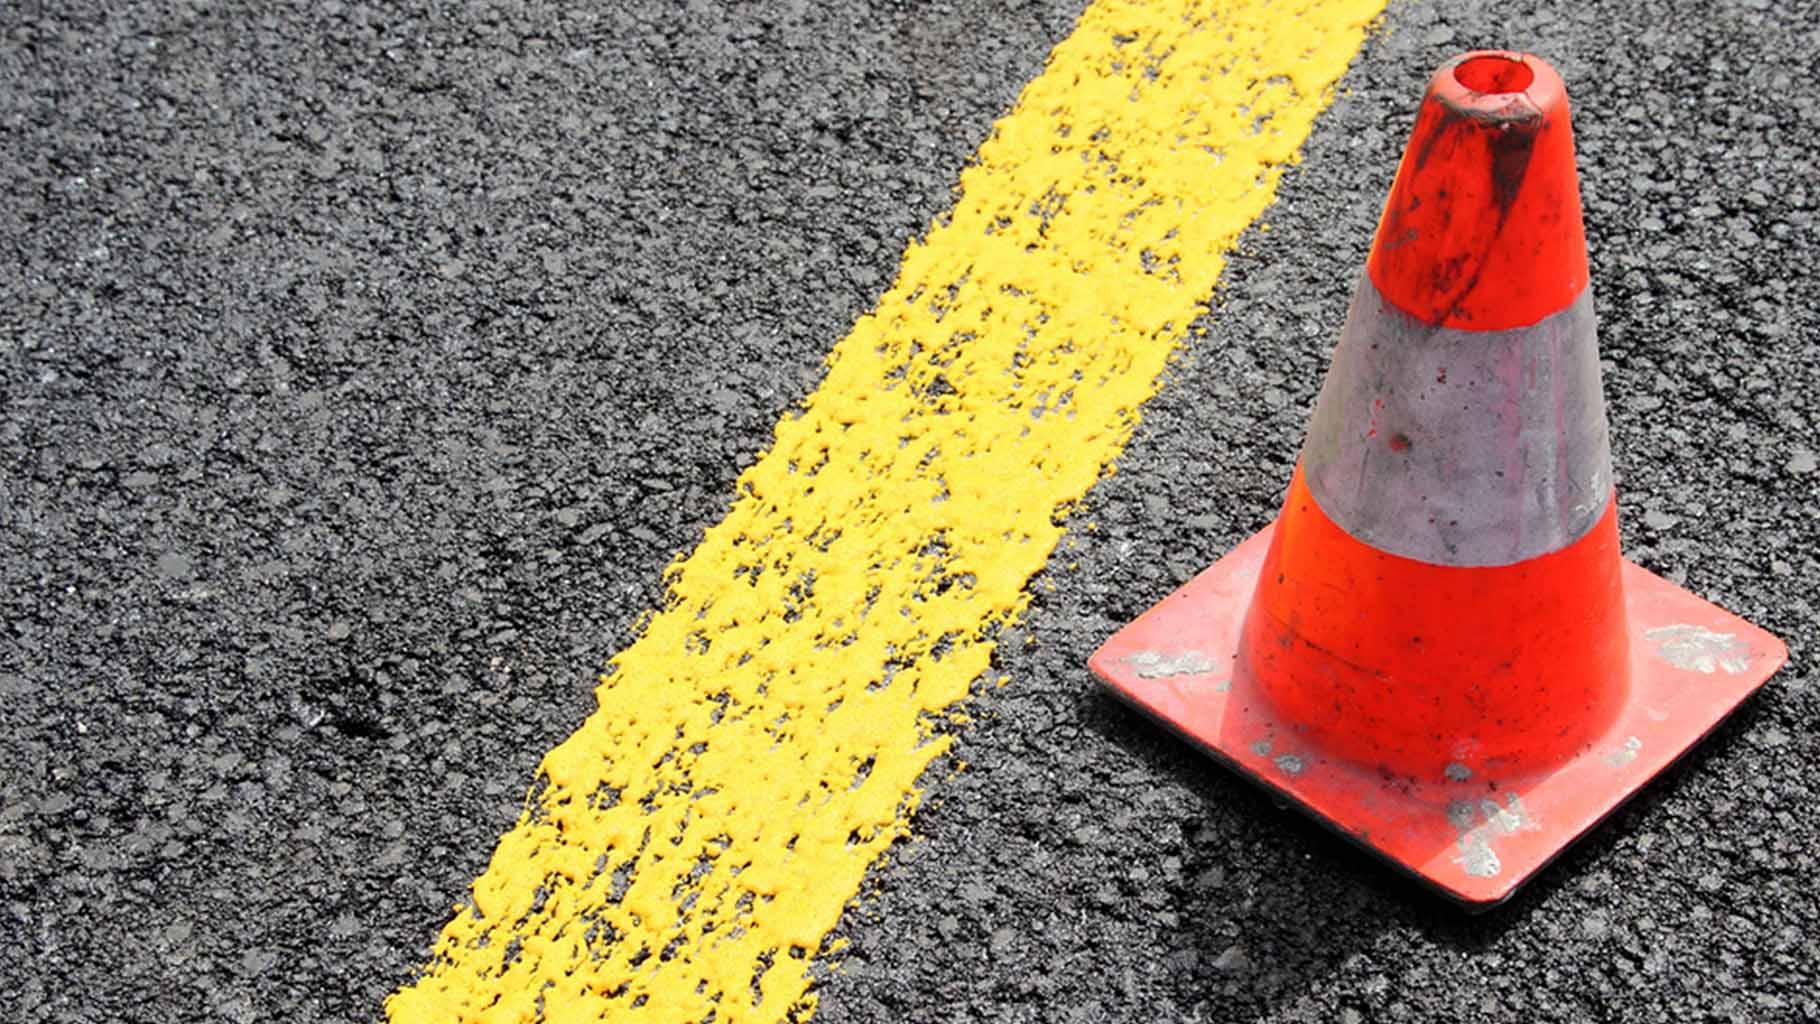 Op de autoloze dag zal de Latourweg vanaf de rotonde van de Indira Gandhiweg tot en met de kruising met de Martin Luther Kingweg worden afgesloten voor het verkeer.